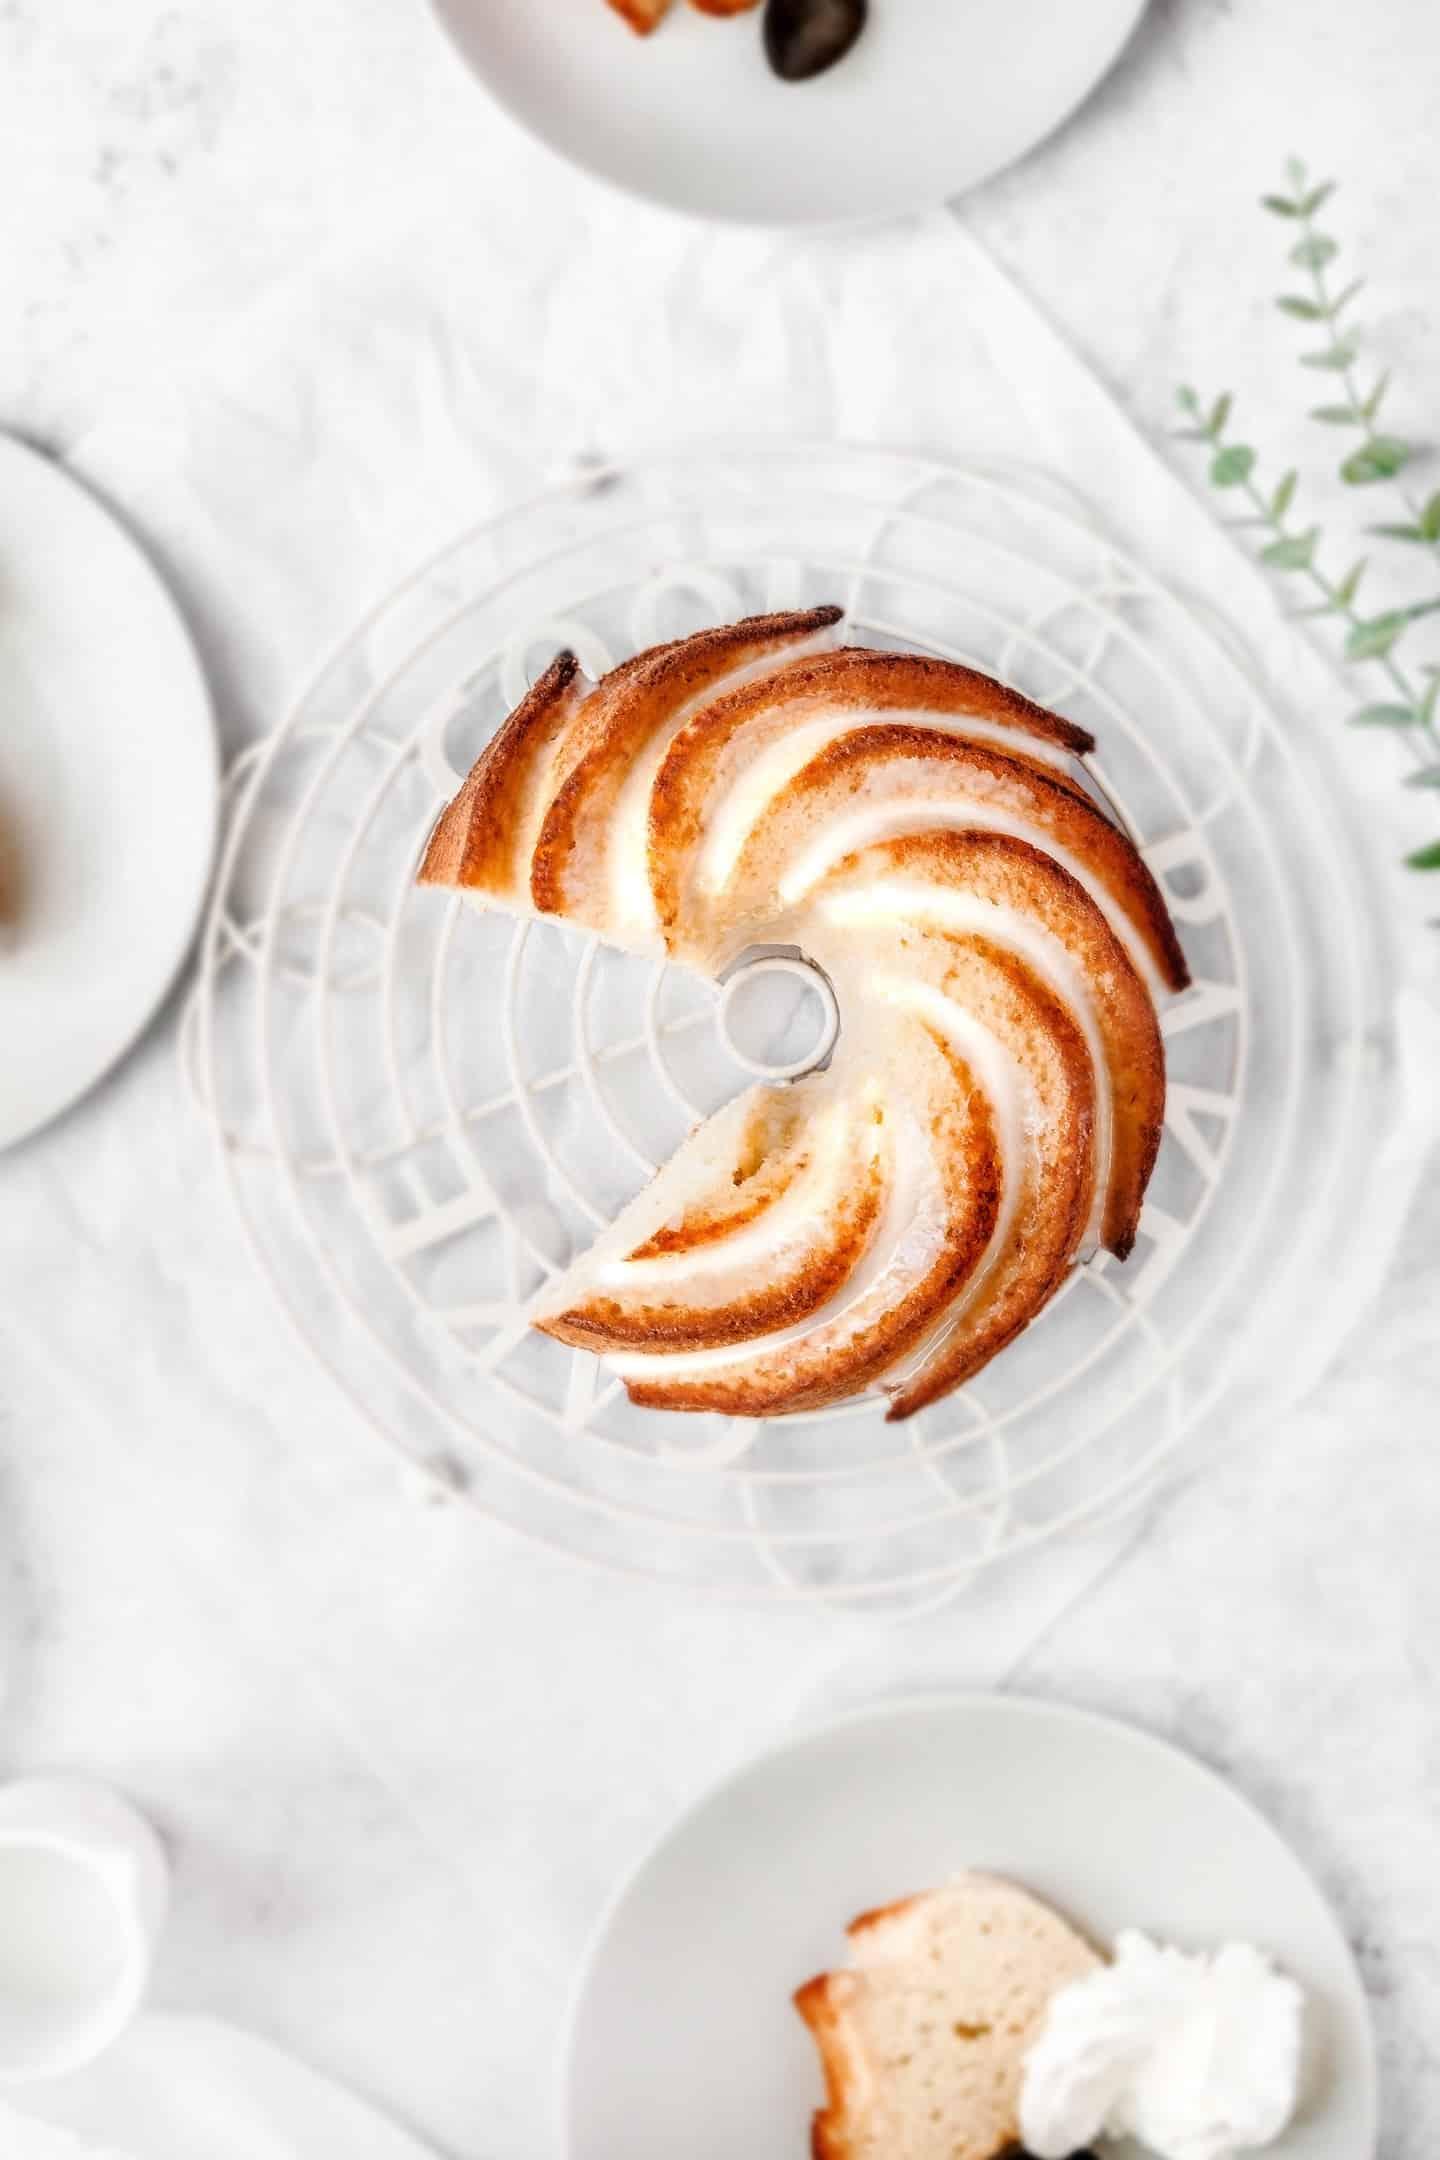 Recette du bundt cake facile au citron